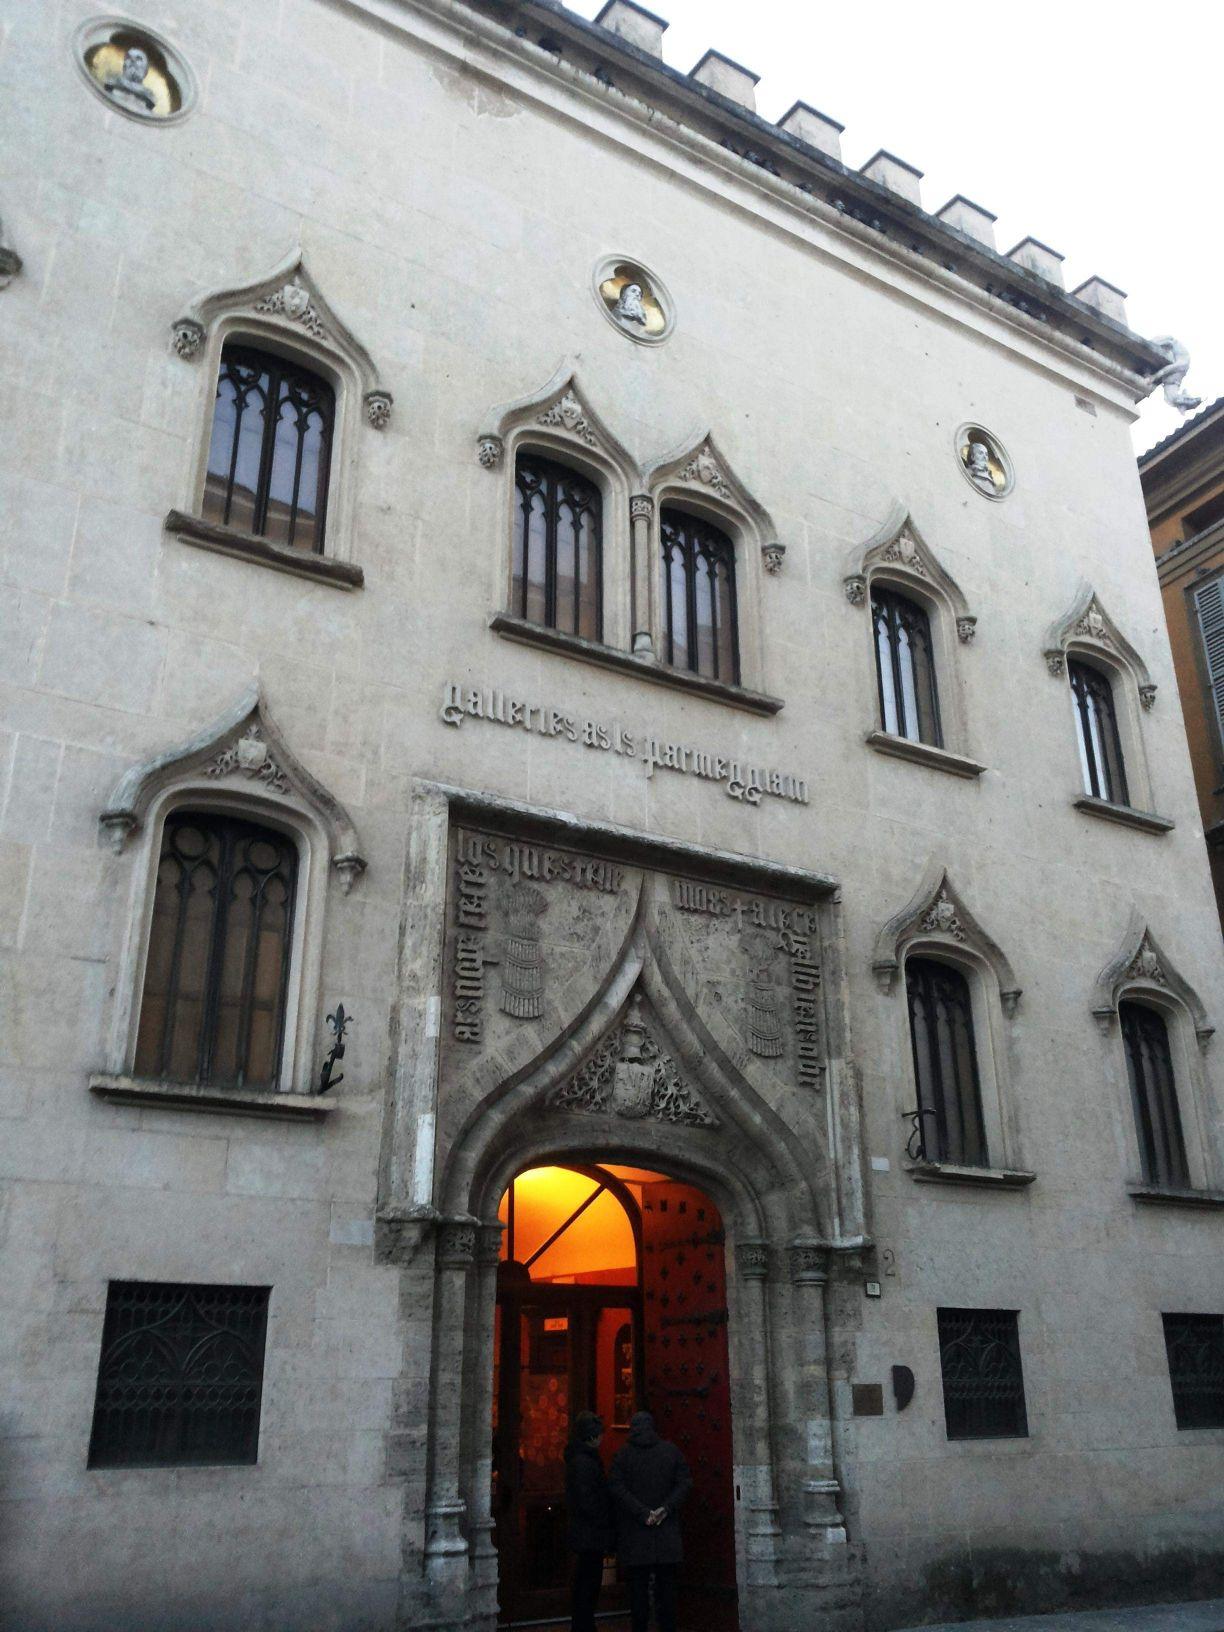 Galleria Parmeggiani Reggio Emiliajpg